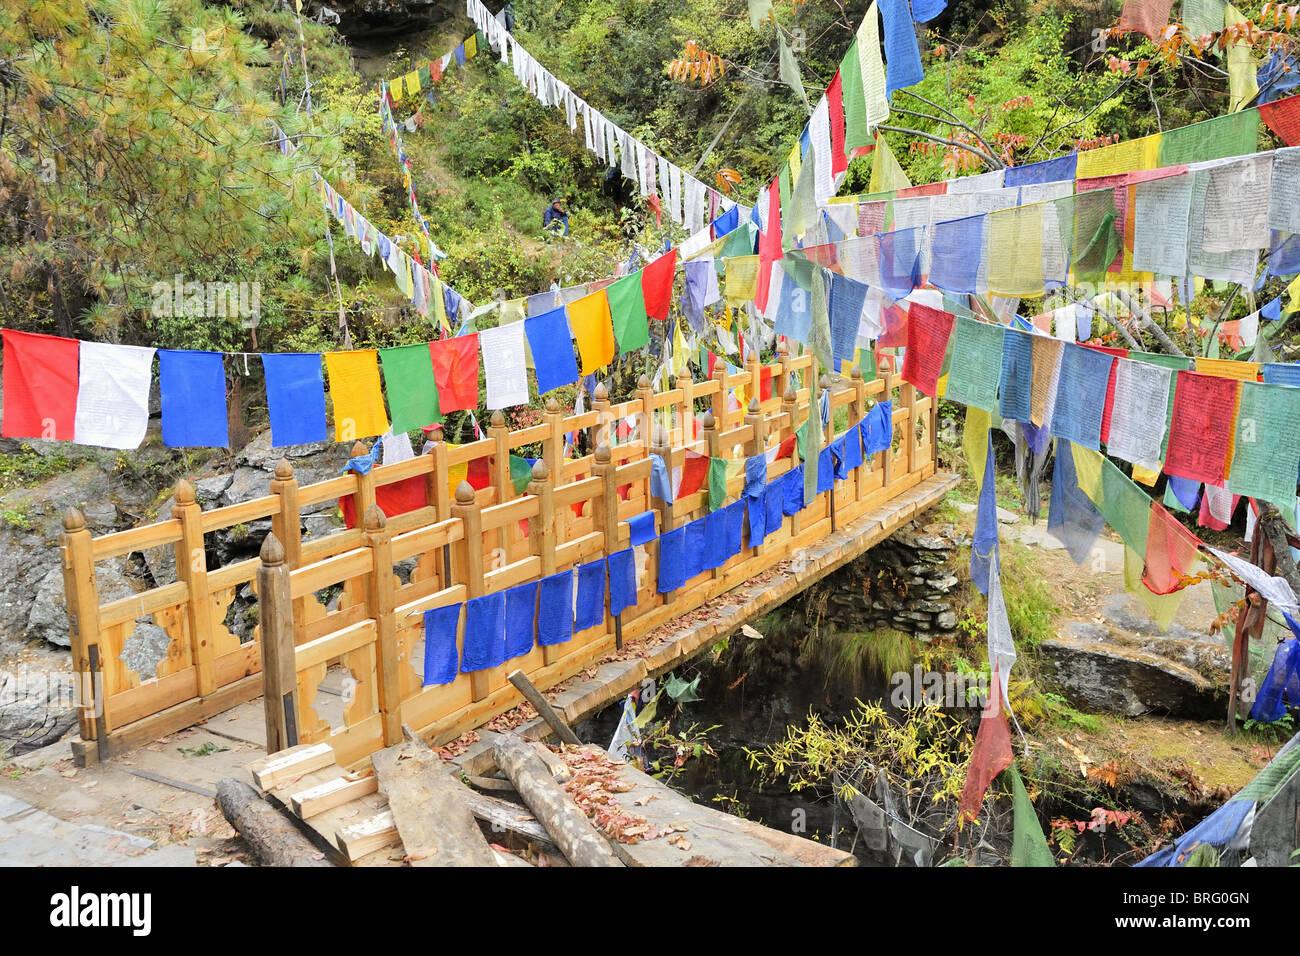 Burning Lake, Membartsho, Bumthang, Bhutan. - Stock Image